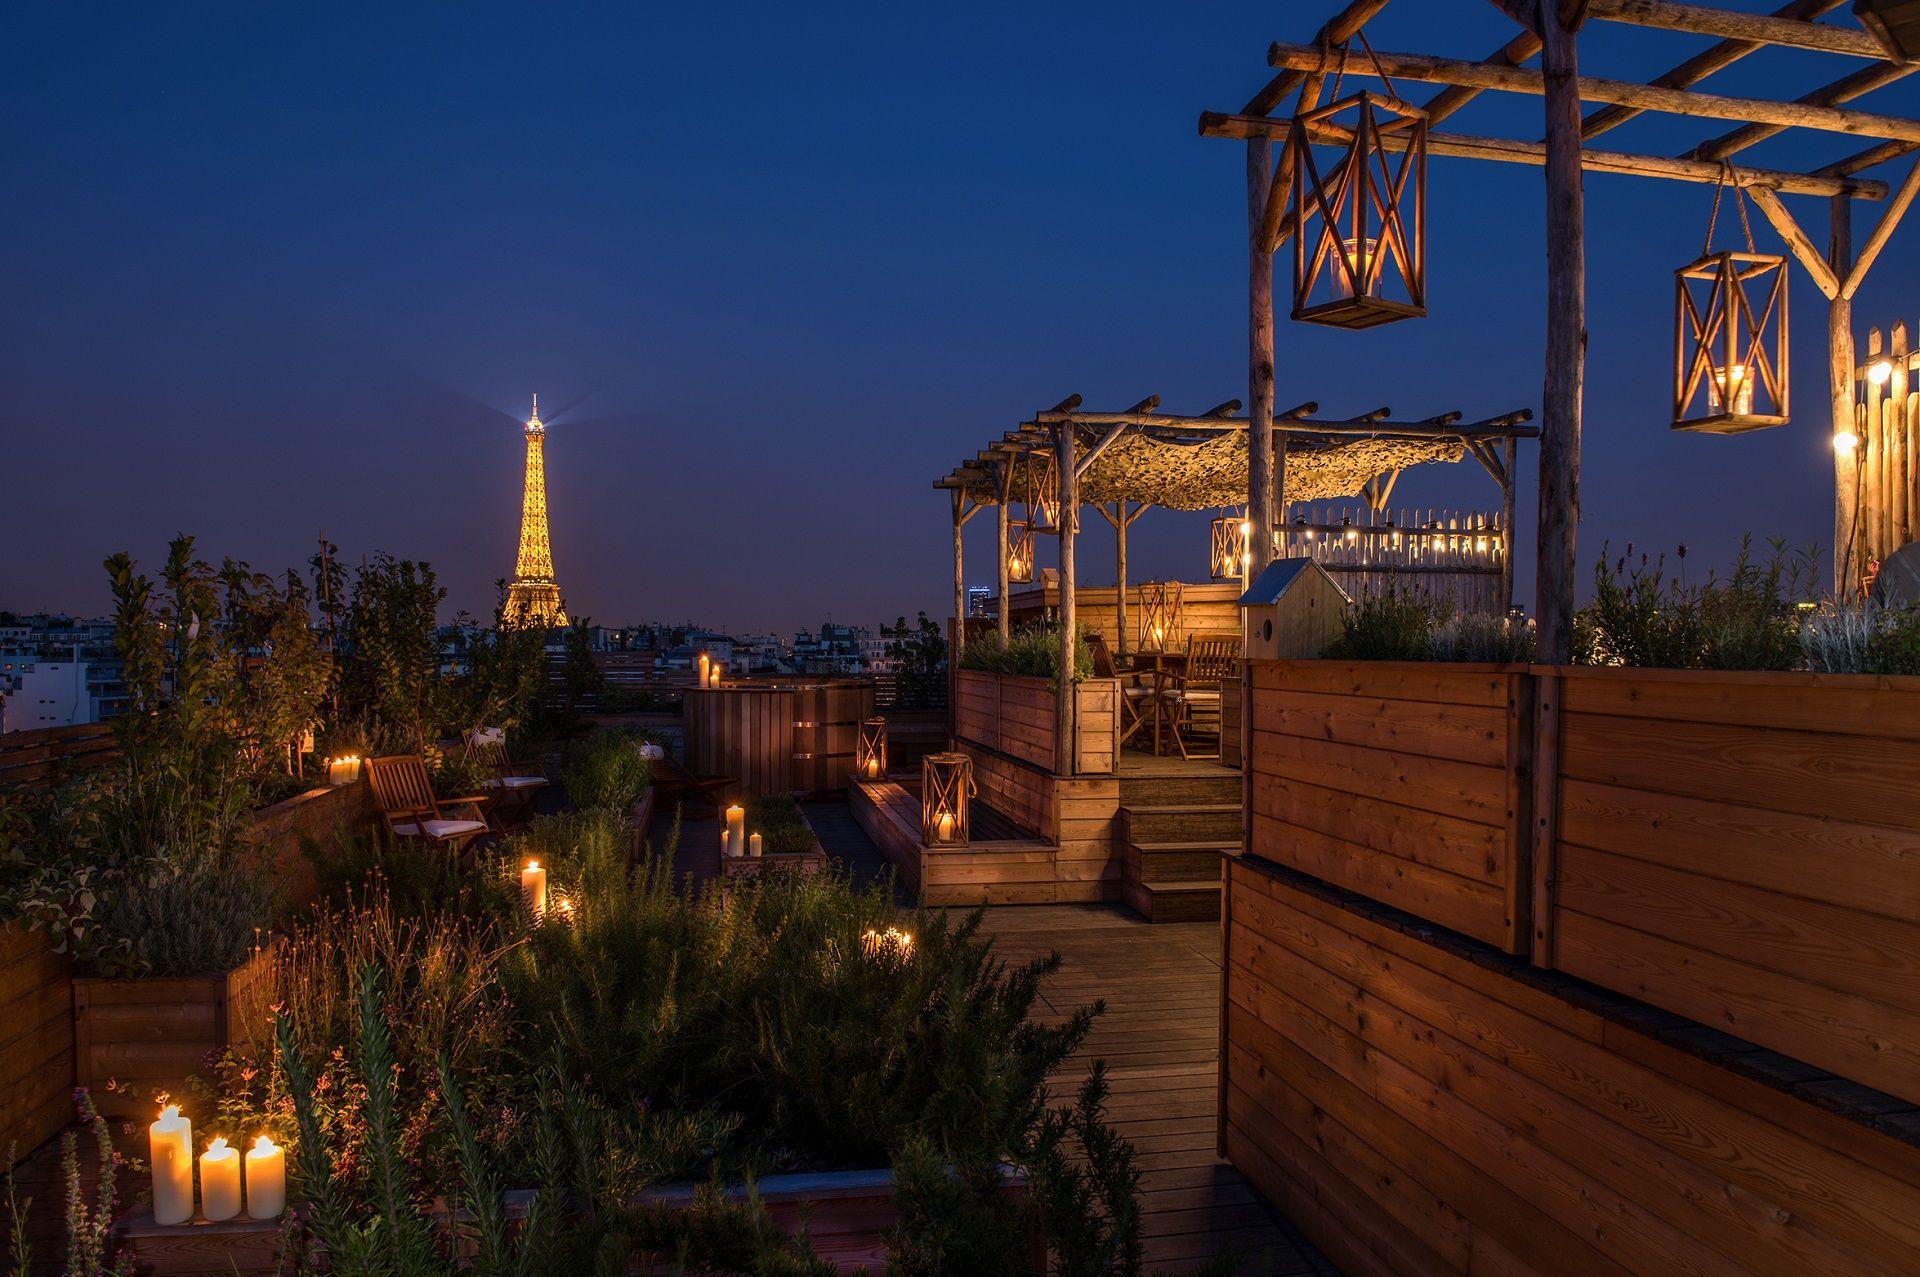 Rooftop avec potager & jardin urbain, hôtel Brach Paris